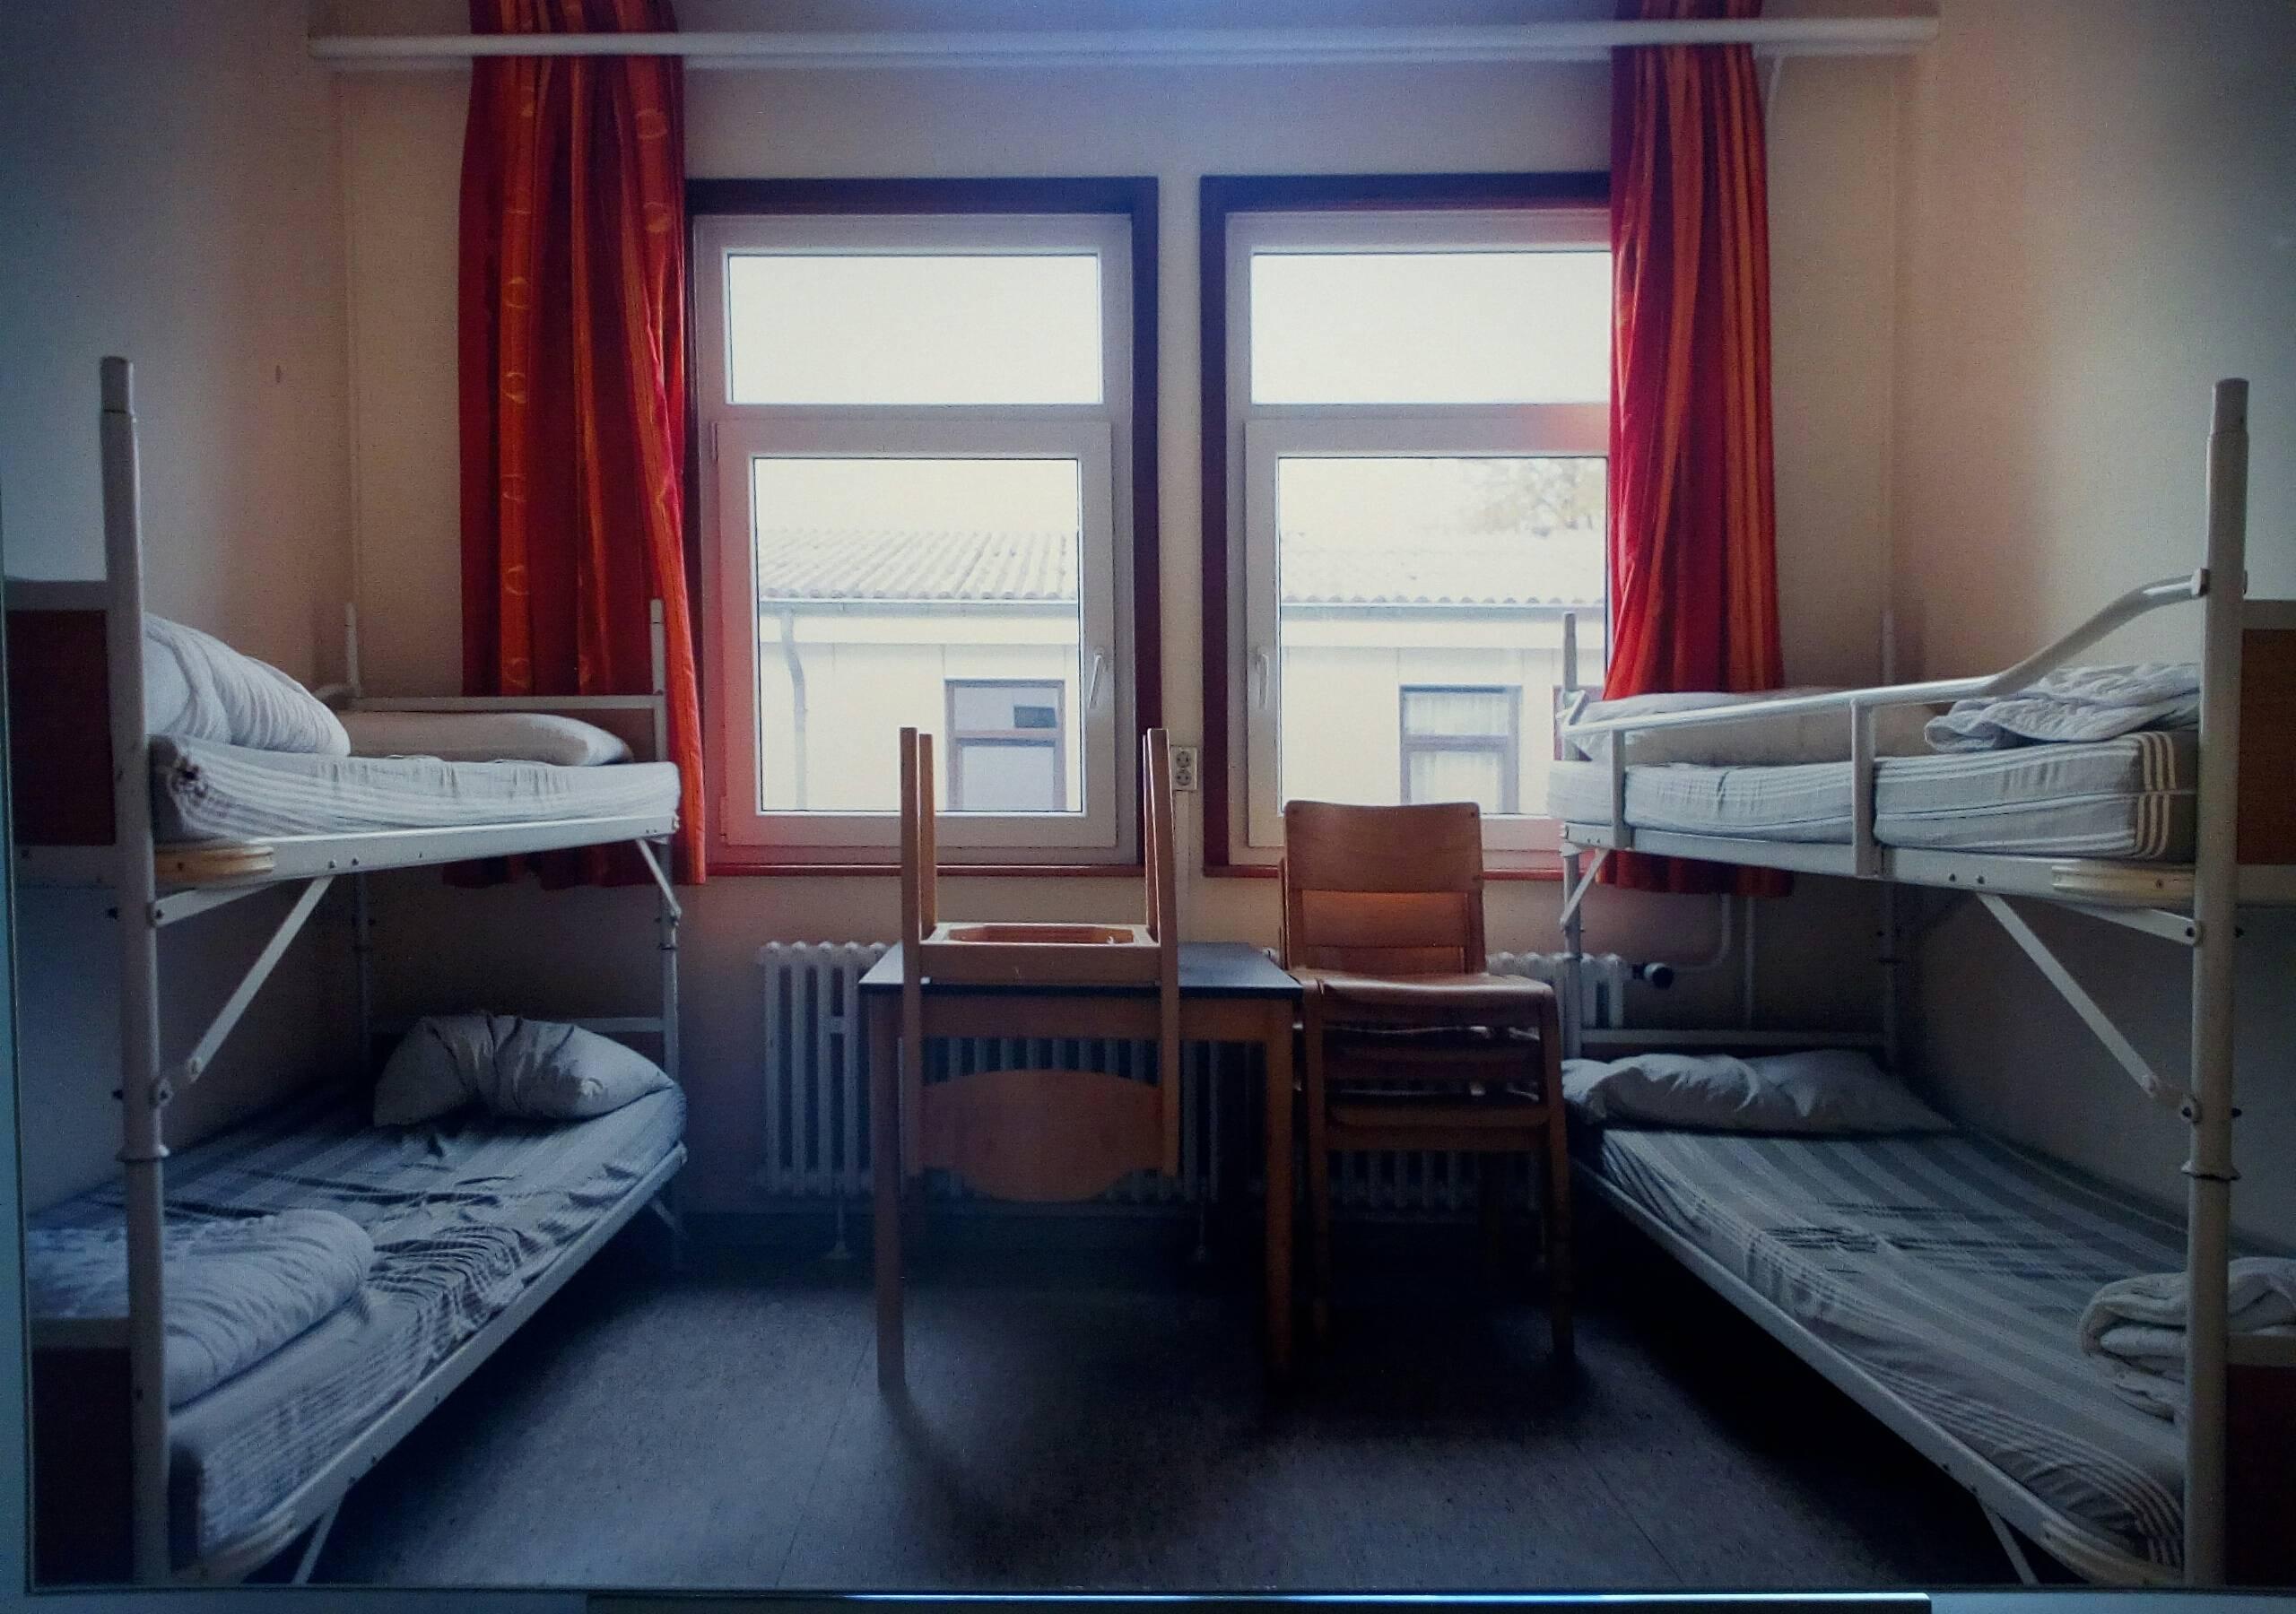 Лагерь фридланд для переселенцев в германии в 2021 году